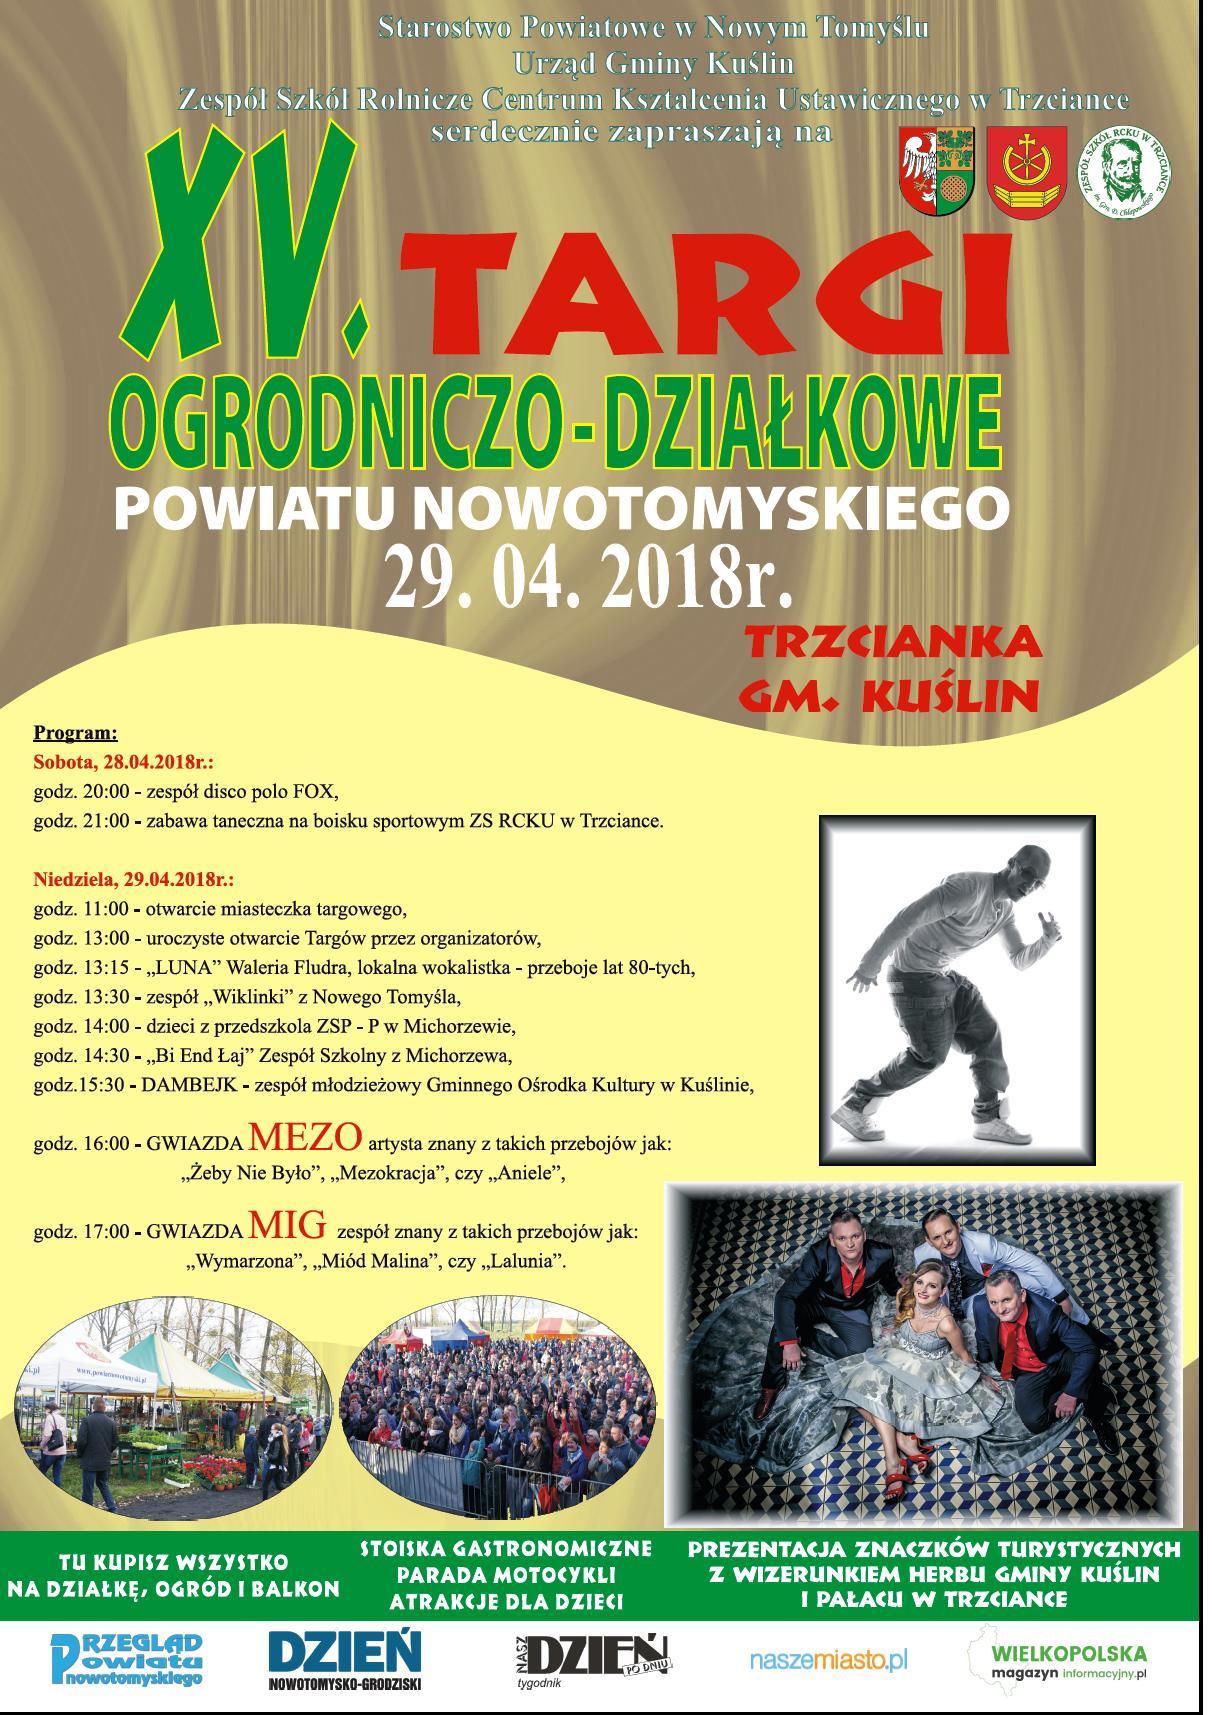 Ilustracja do informacji: Zapraszamy na Targi Ogrodniczo - Działkowe Powiatu Nowotomyskiego w Trzciance!